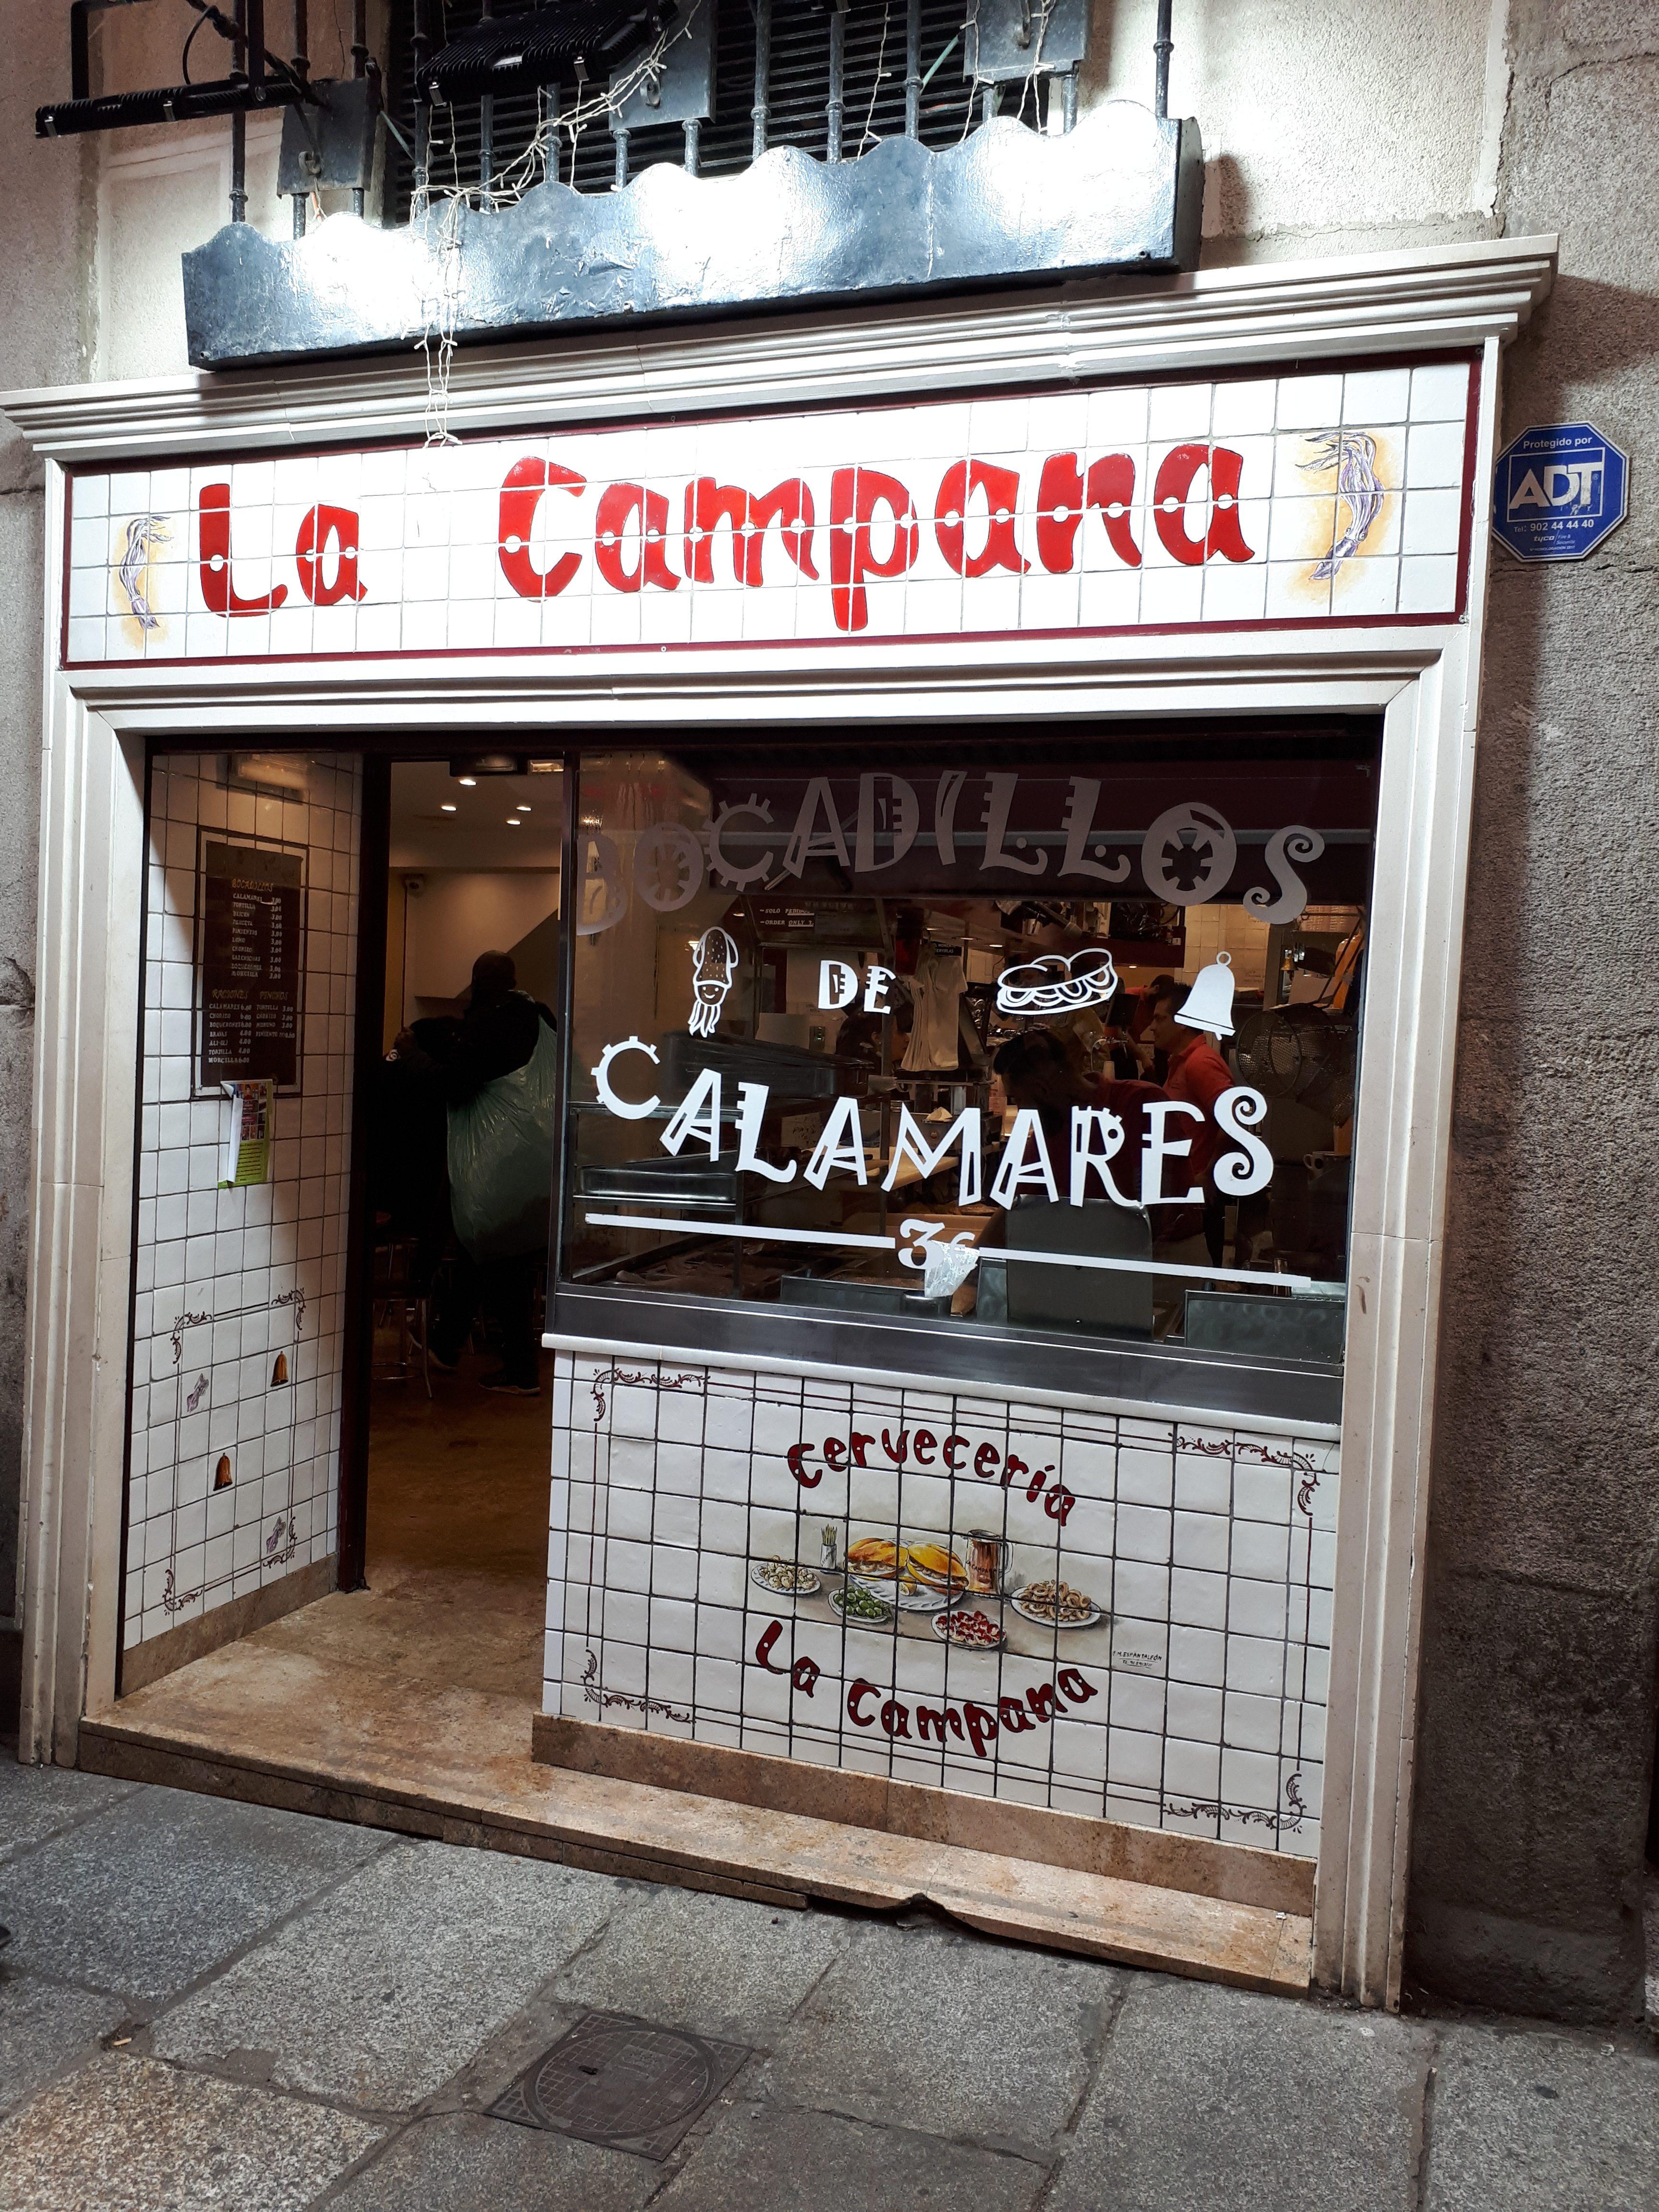 La Campana. Najlepsza kanapka z kalmarami w Madrycie. Za 3 EURO! Fot. Kamila Łapicka